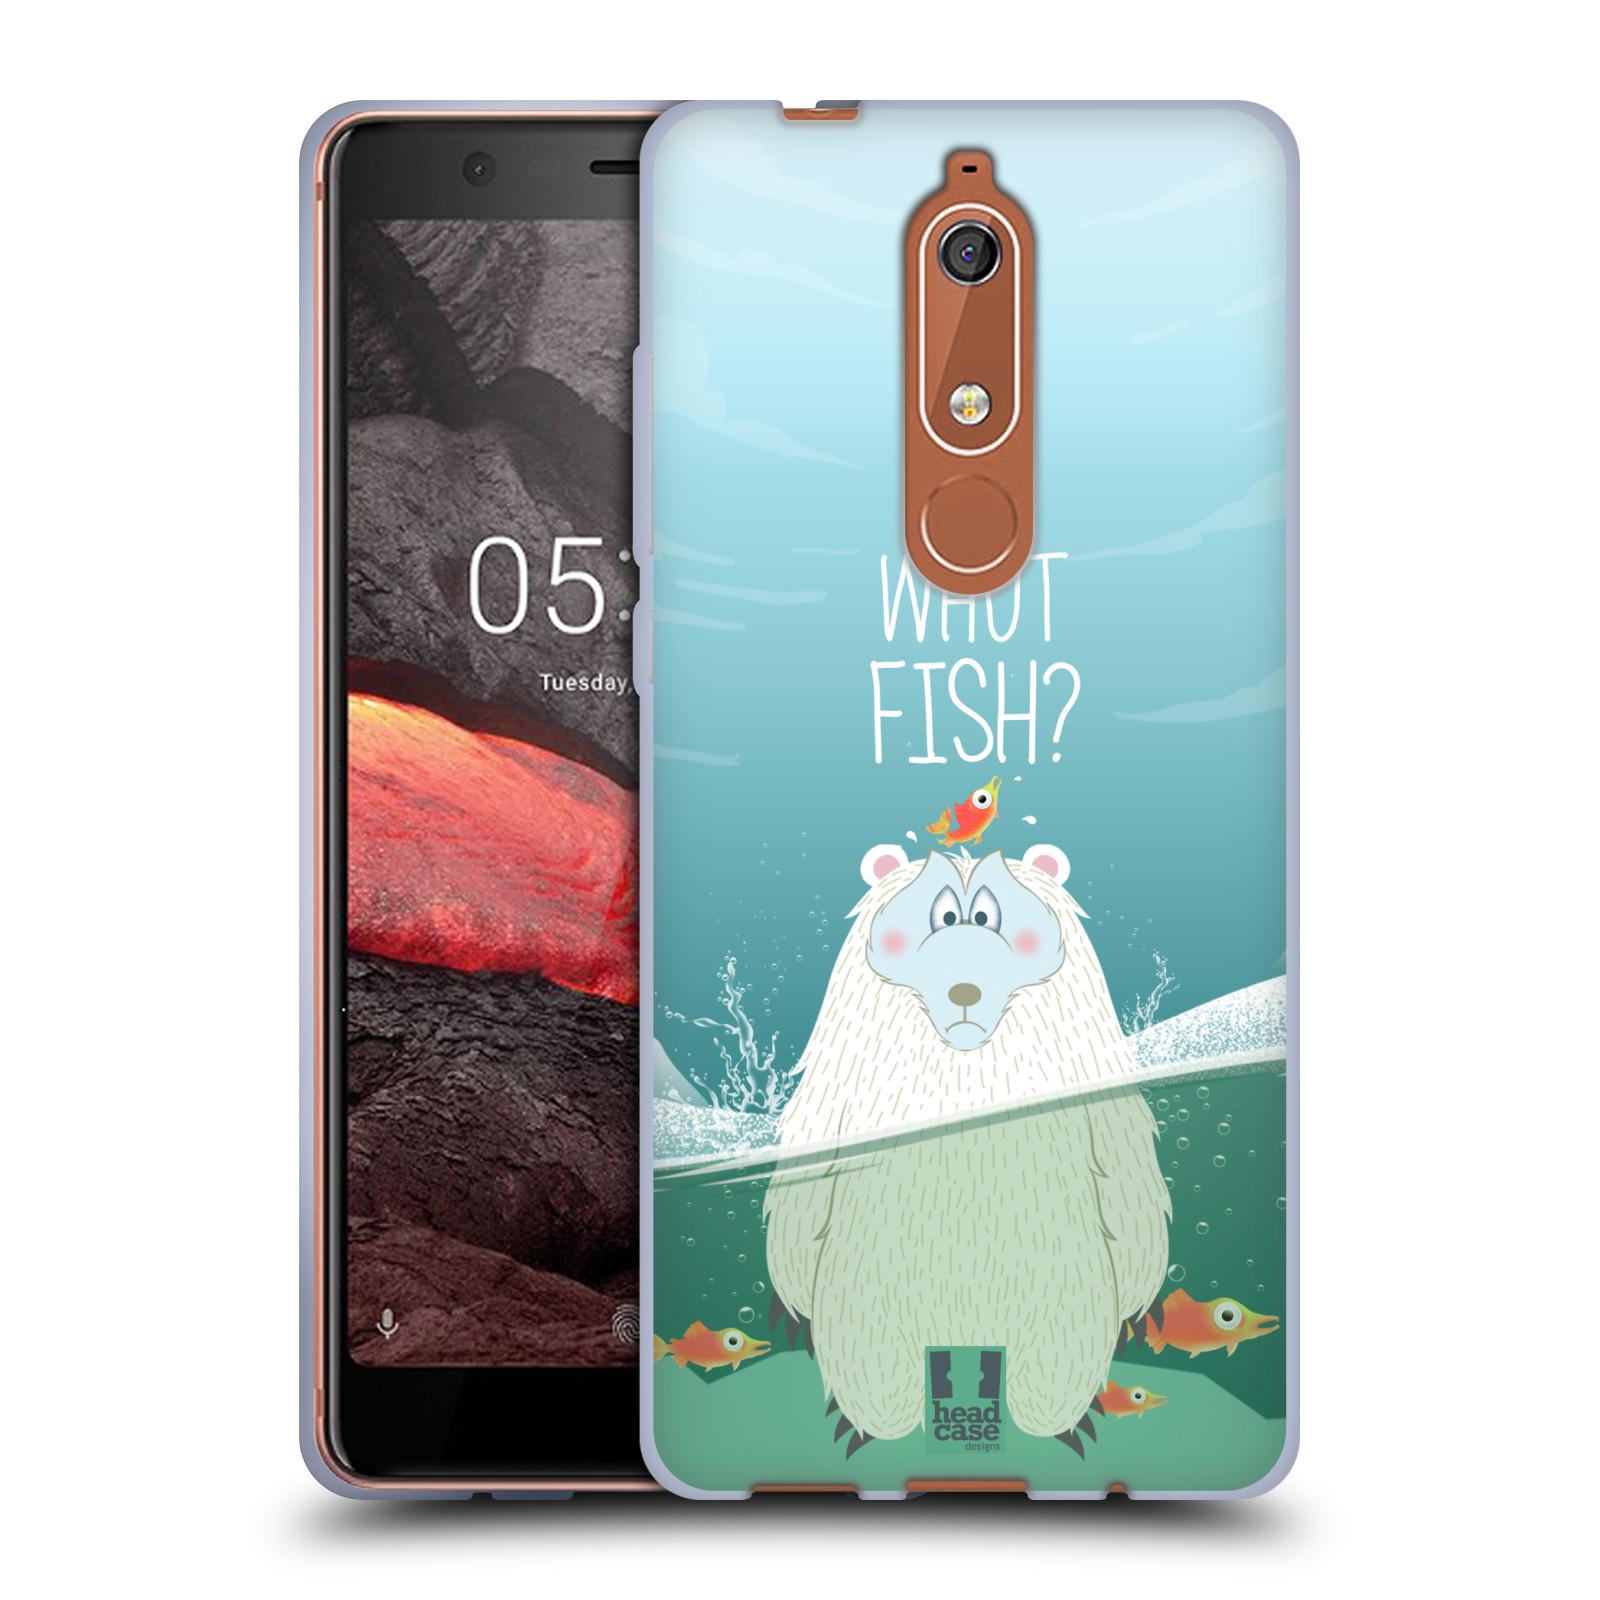 Silikonové pouzdro na mobil Nokia 5.1 - Head Case - Medvěd Whut Fish?